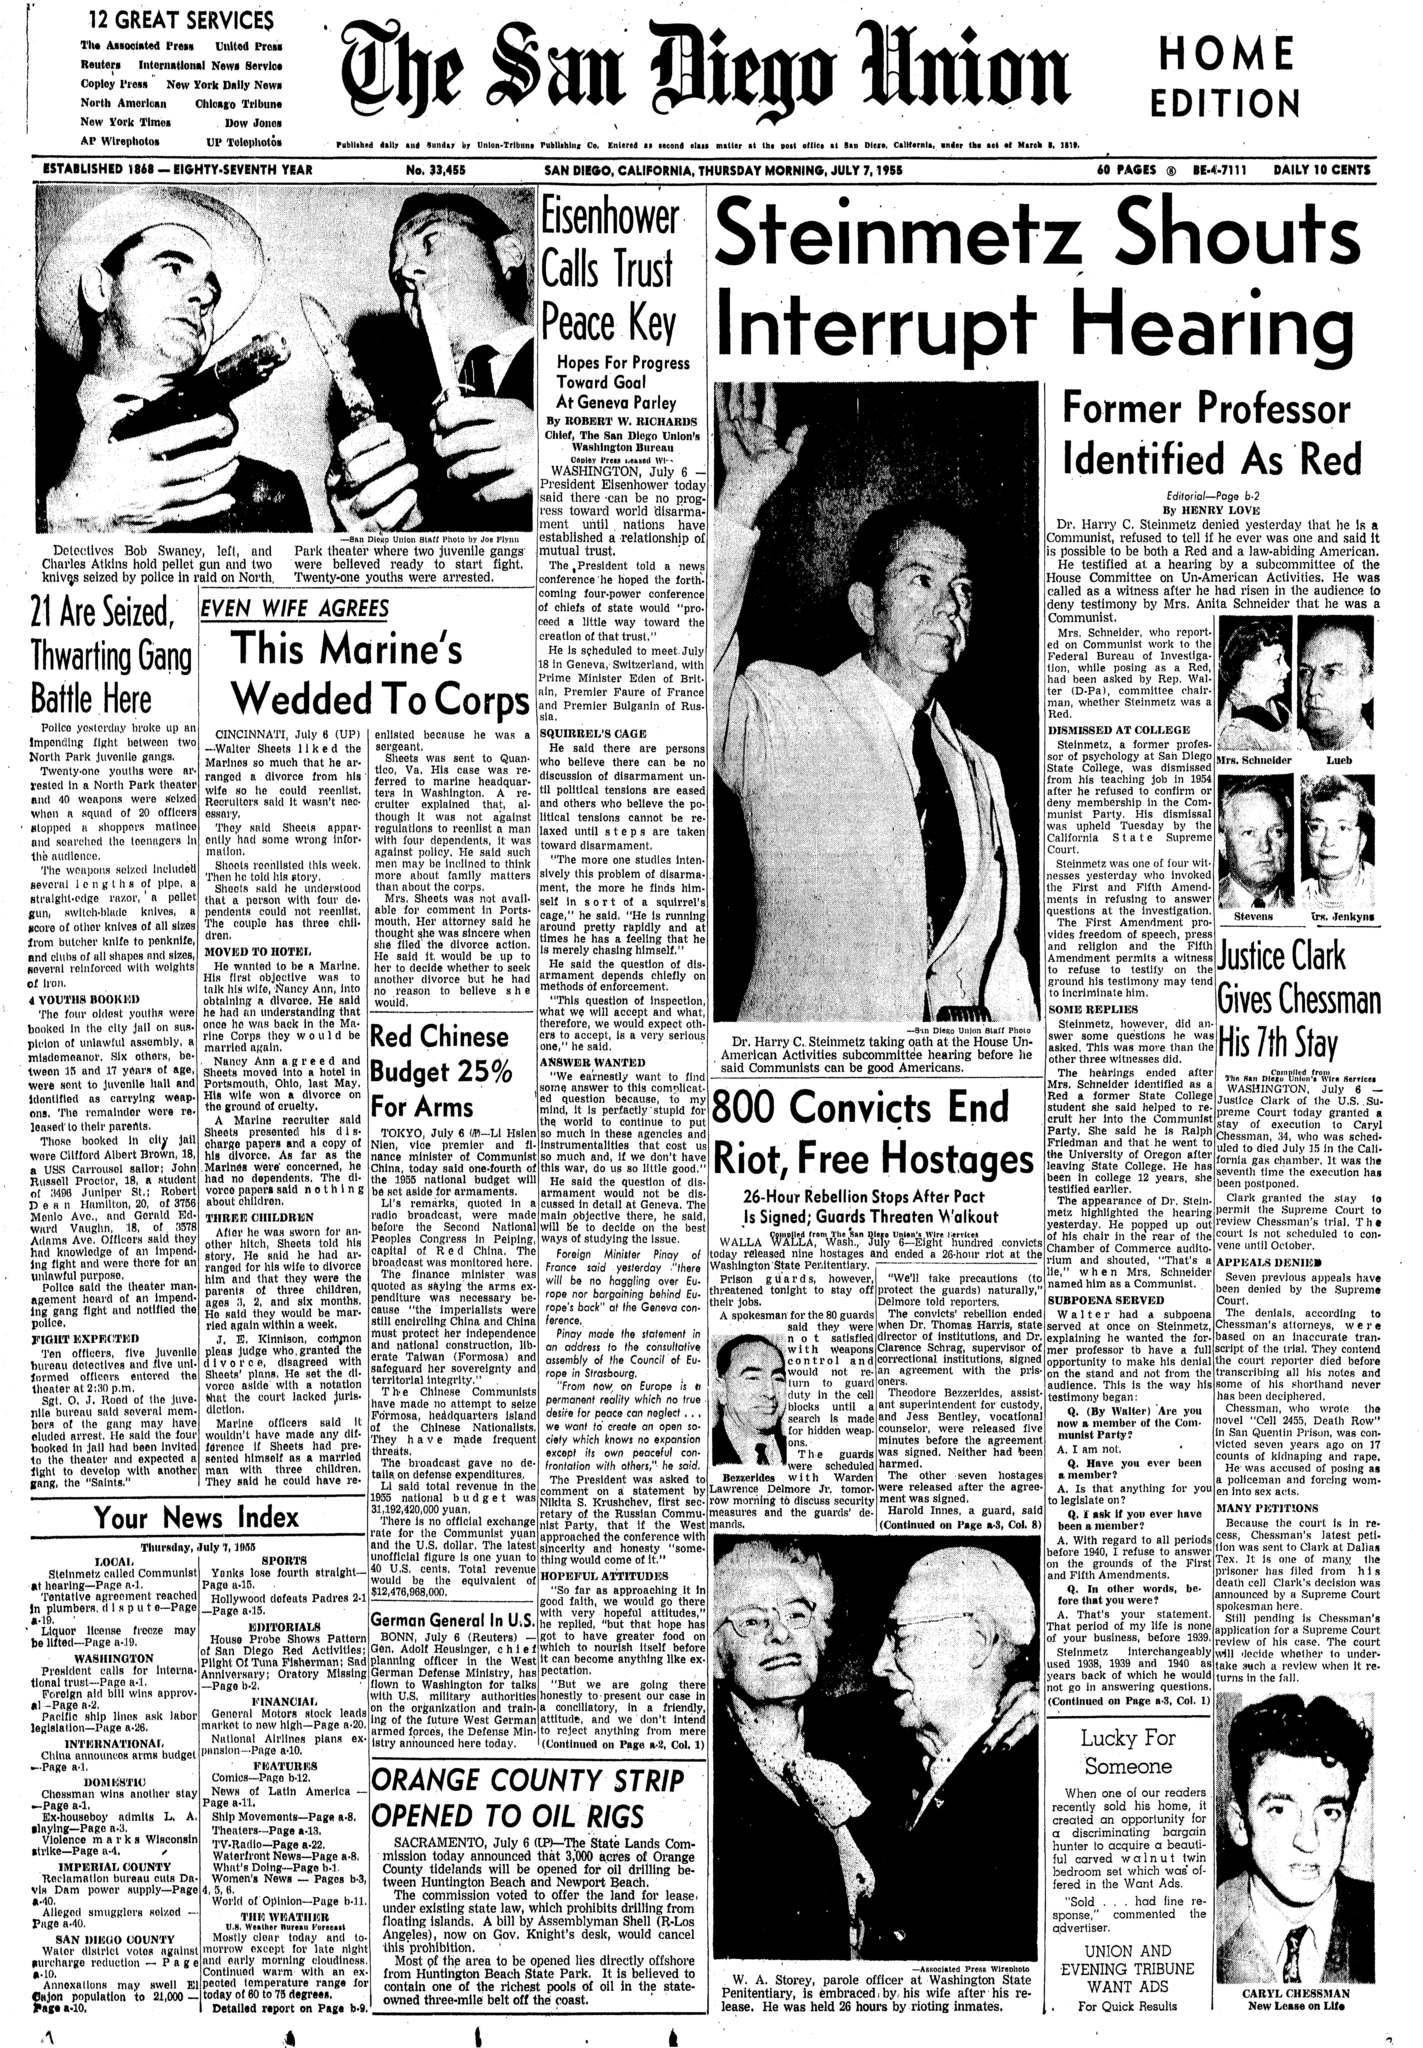 July 7, 1955